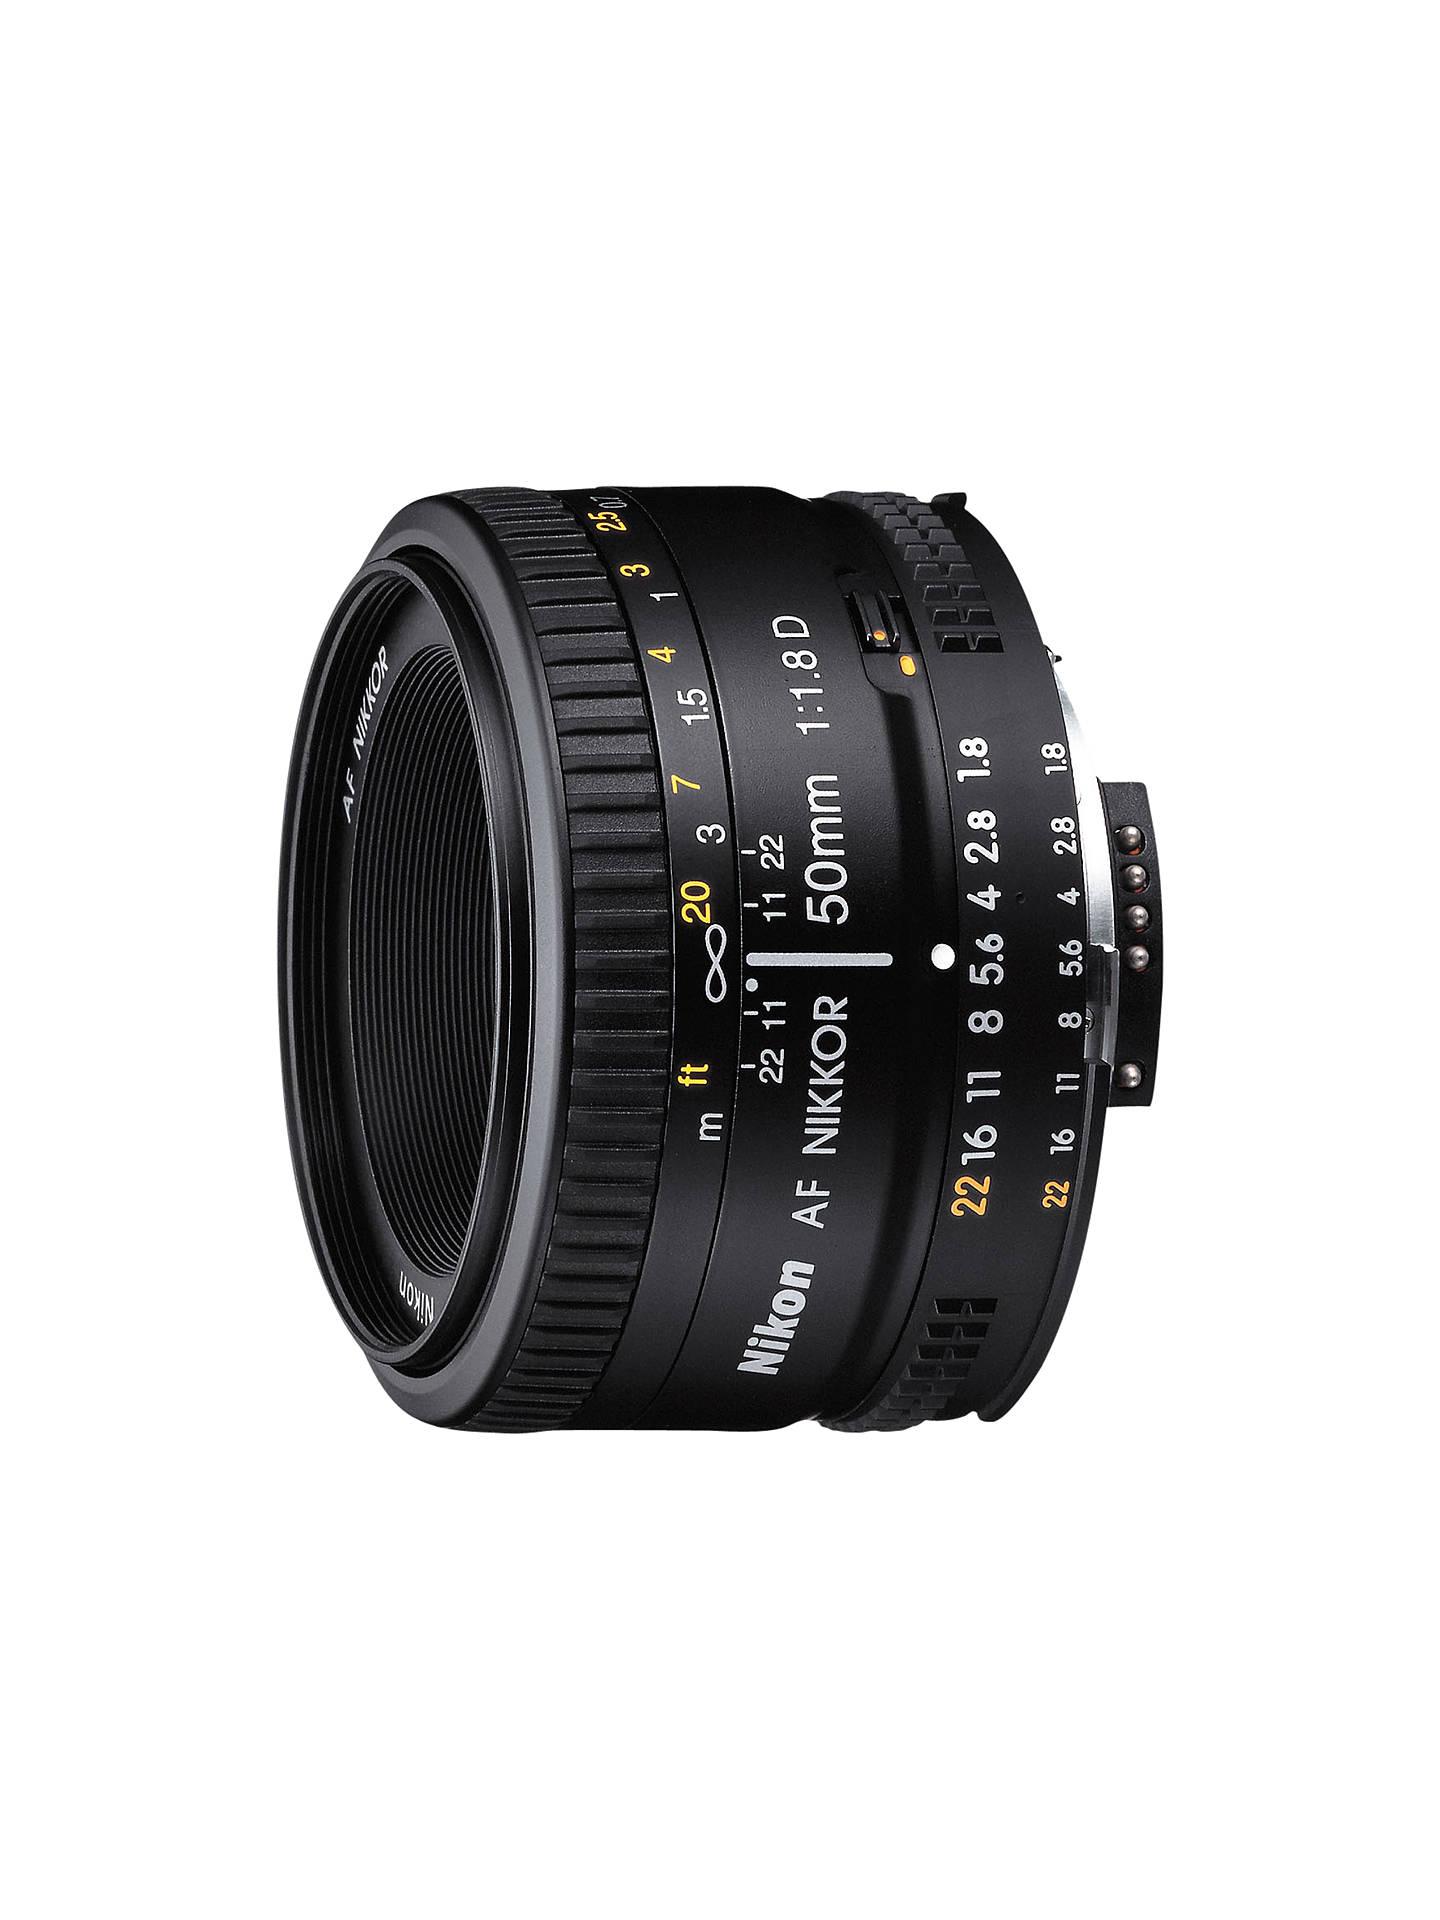 Nikon FX 50mm f/1.8D AF Standard Lens - £109 - John Lewis & Partners